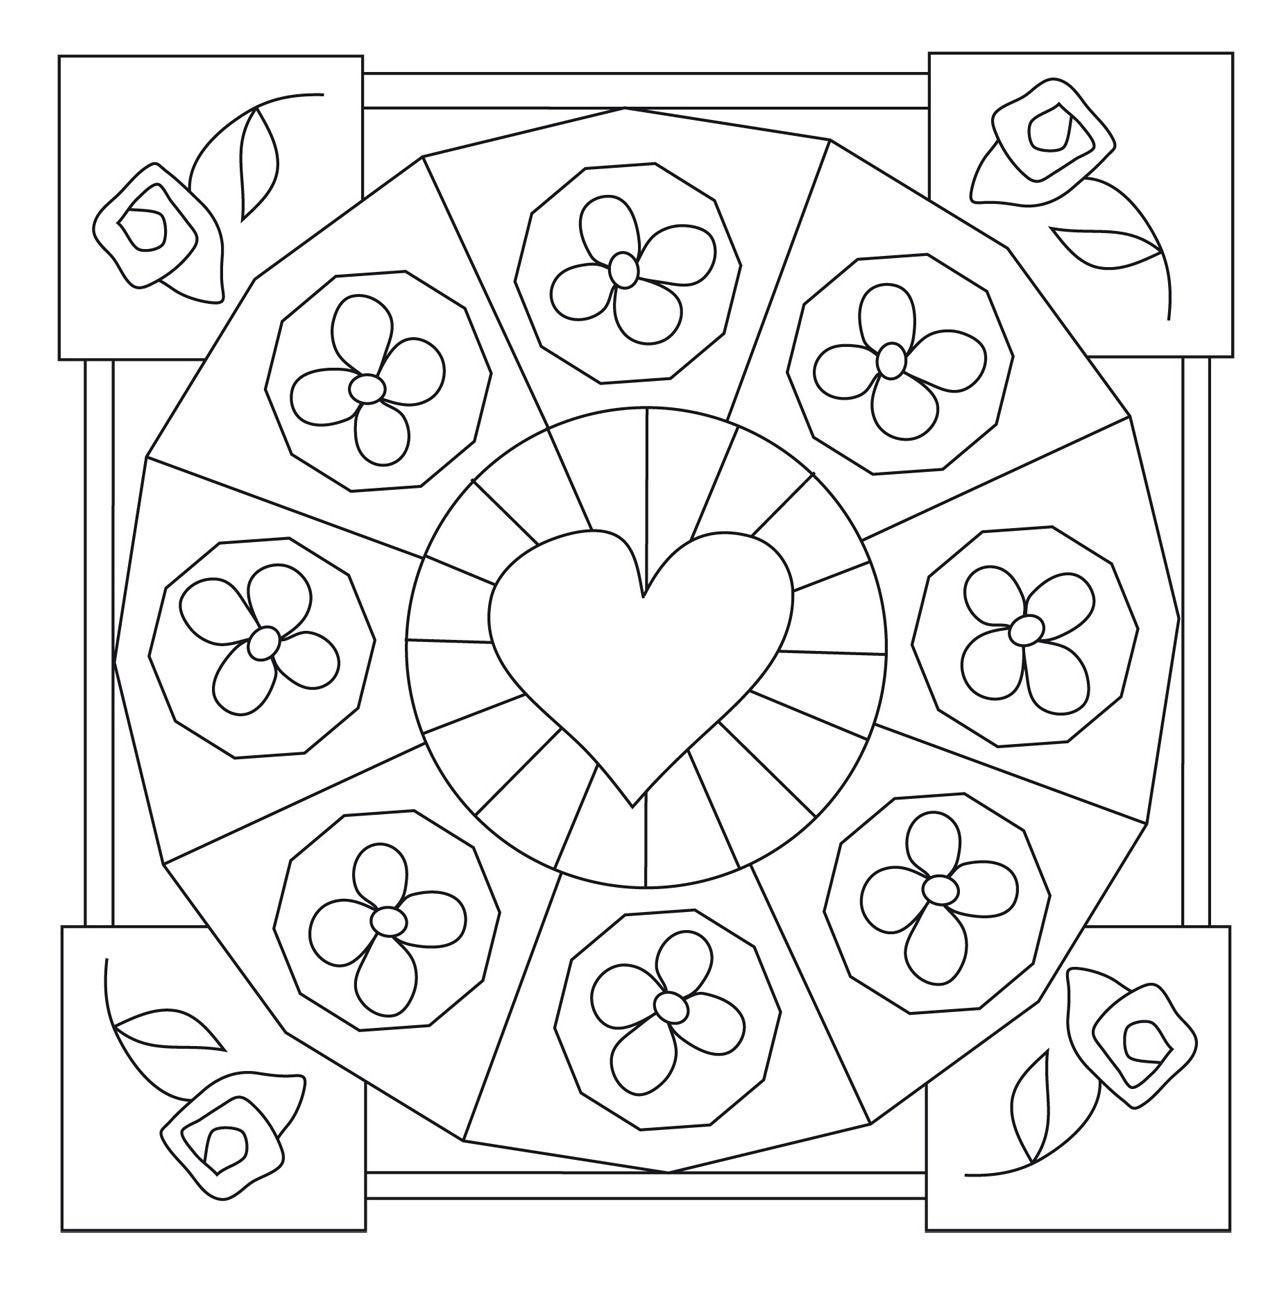 Raupe Nimmersatt Ausmalbild Frisch Pin Von I T Auf Mandala Flowers Schön Raupe Nimmersatt Ausmalbilder Bilder